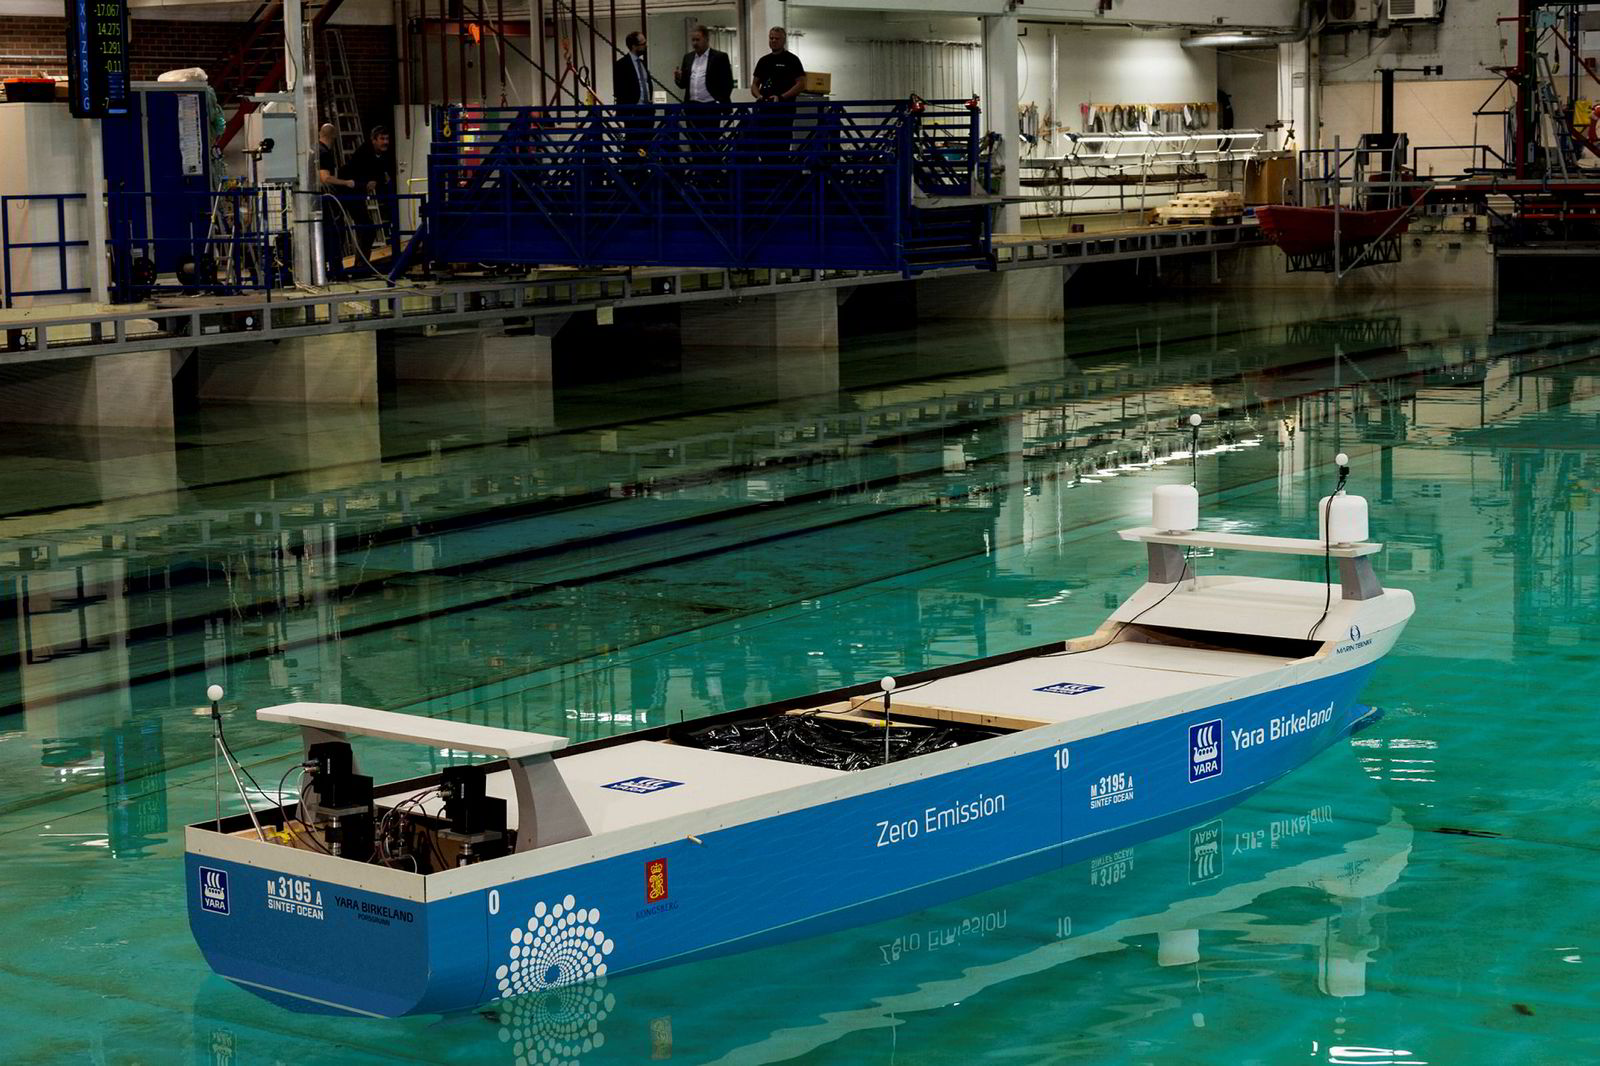 Yara og Kongsberggruppen bygger nå «Yara Birkeland», som skal bli verdens første selvgående elektriske fraktskip med nullutslipp. Her testes skipet ut hos Sintef Ocean i Trondheim. Modellen er seks meter lang og veier 2,4 tonn.